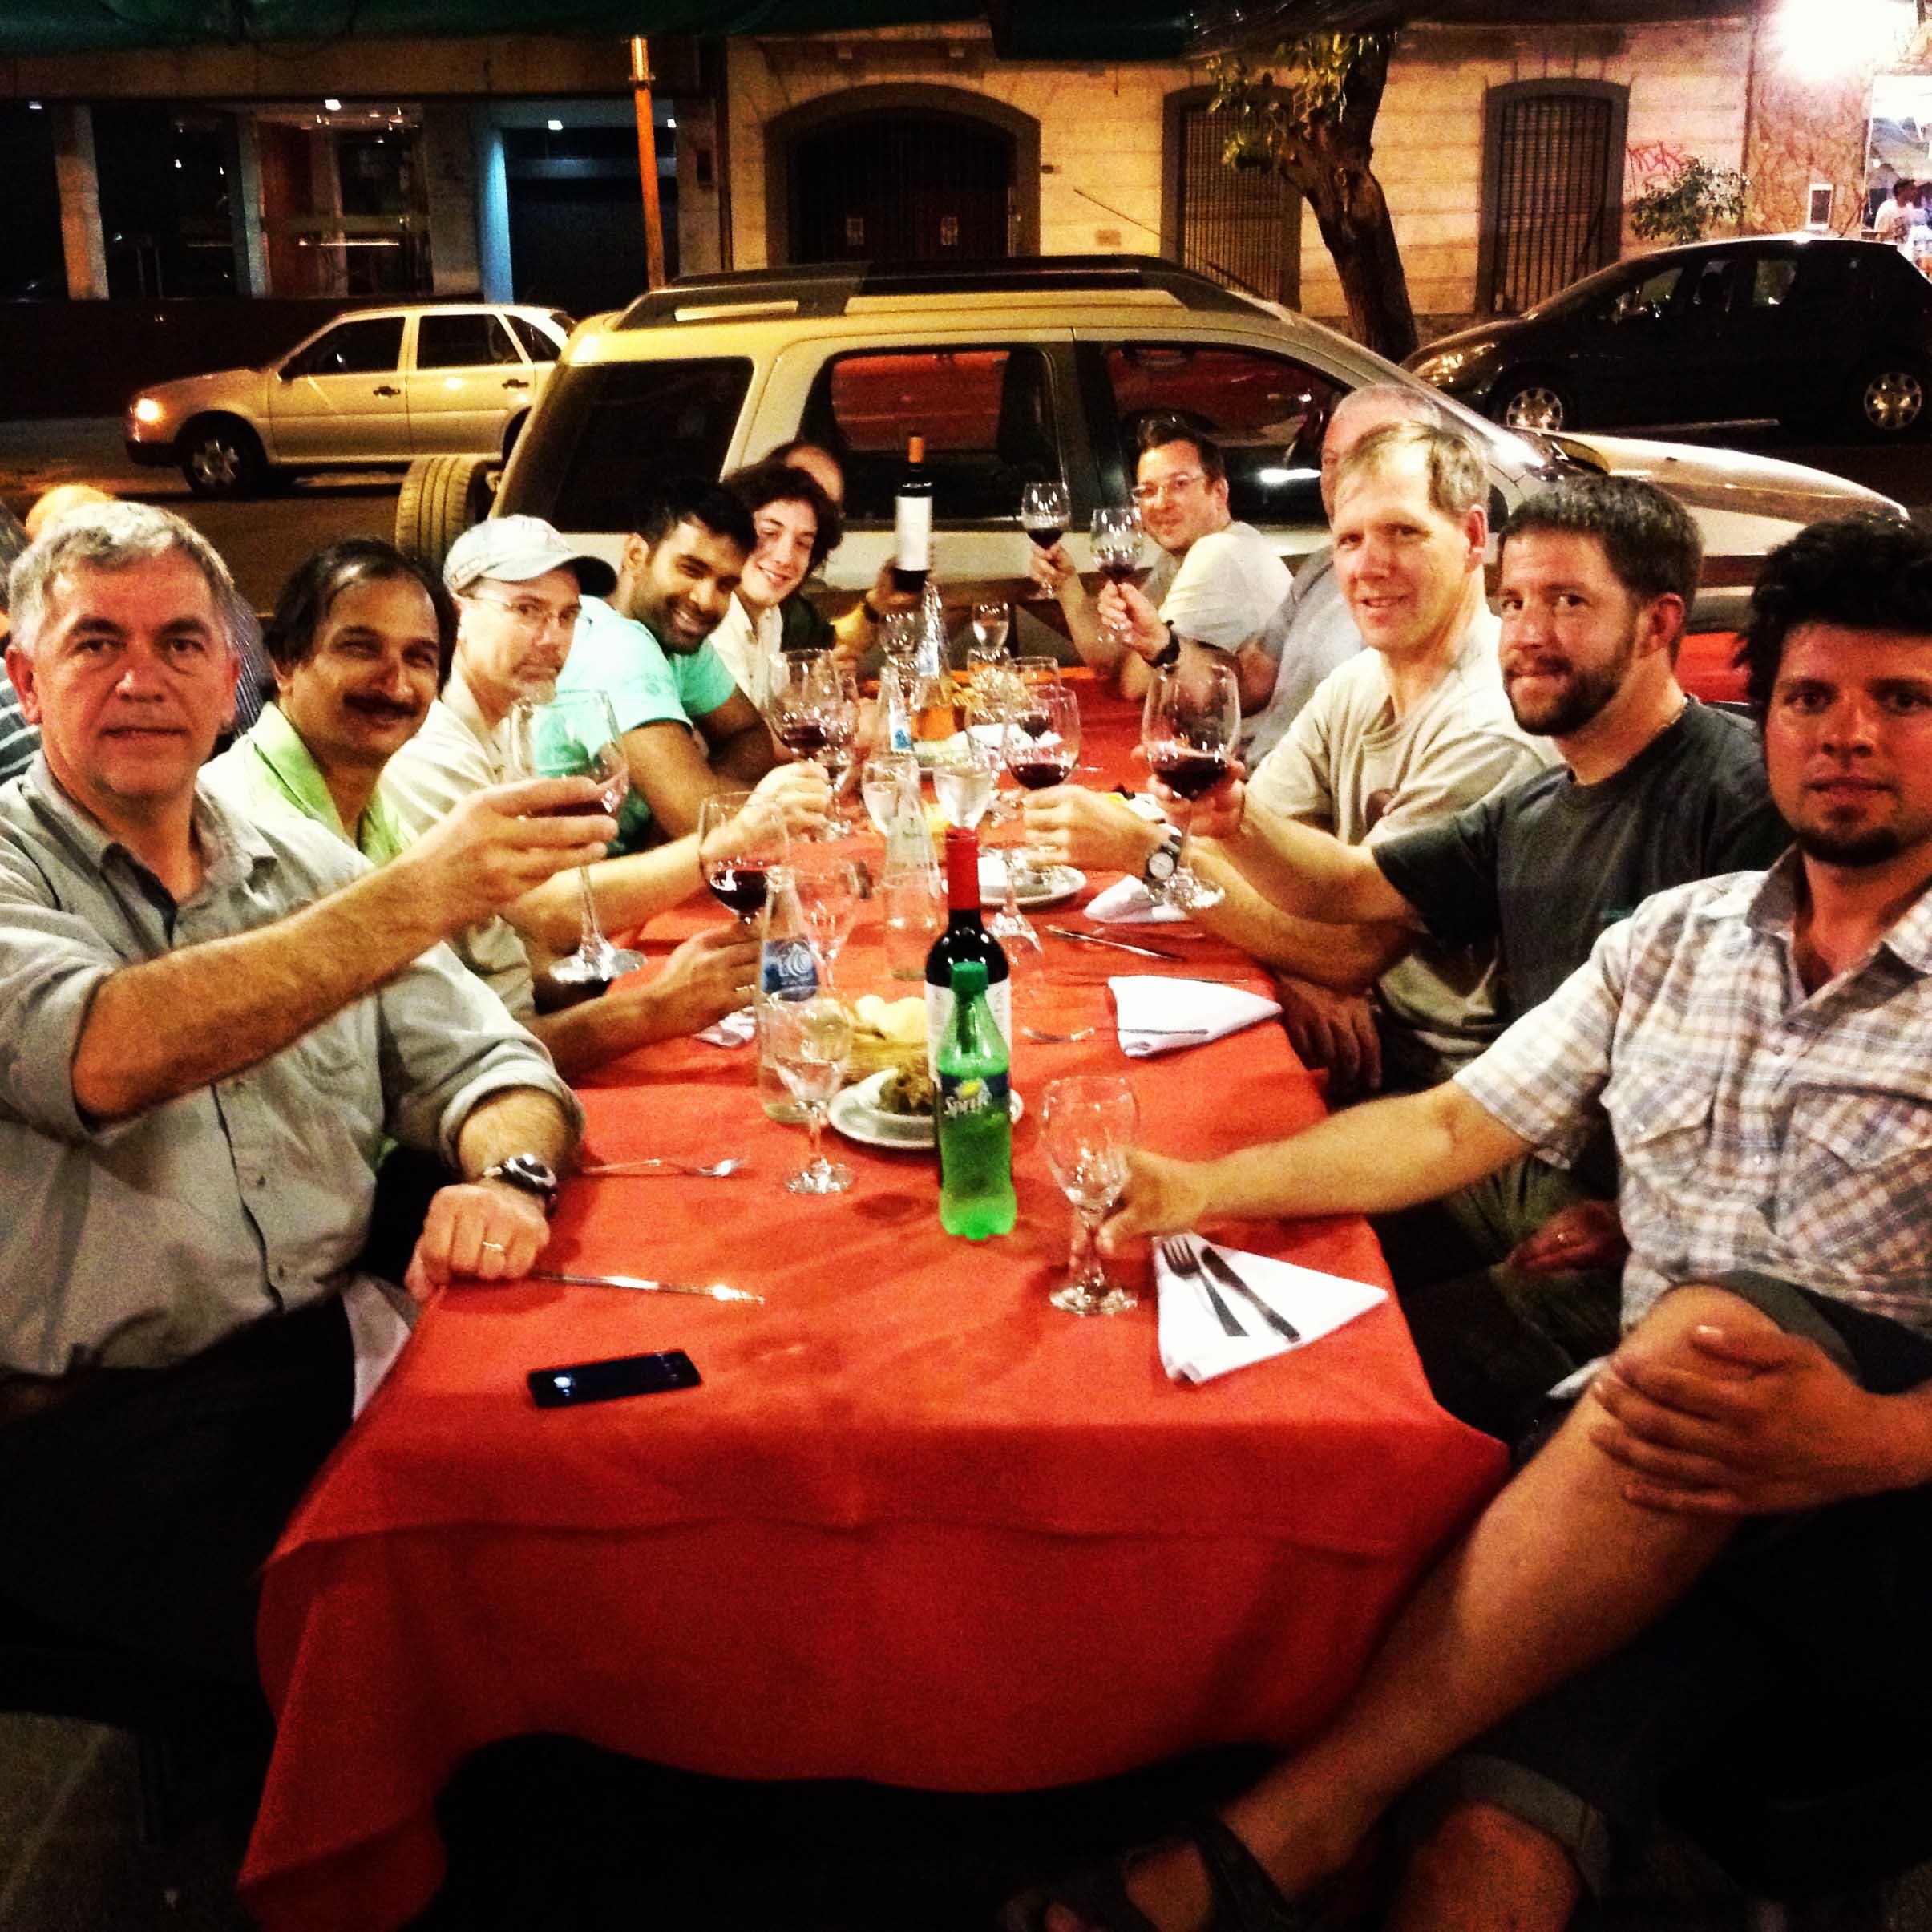 Dinner in Mendoza